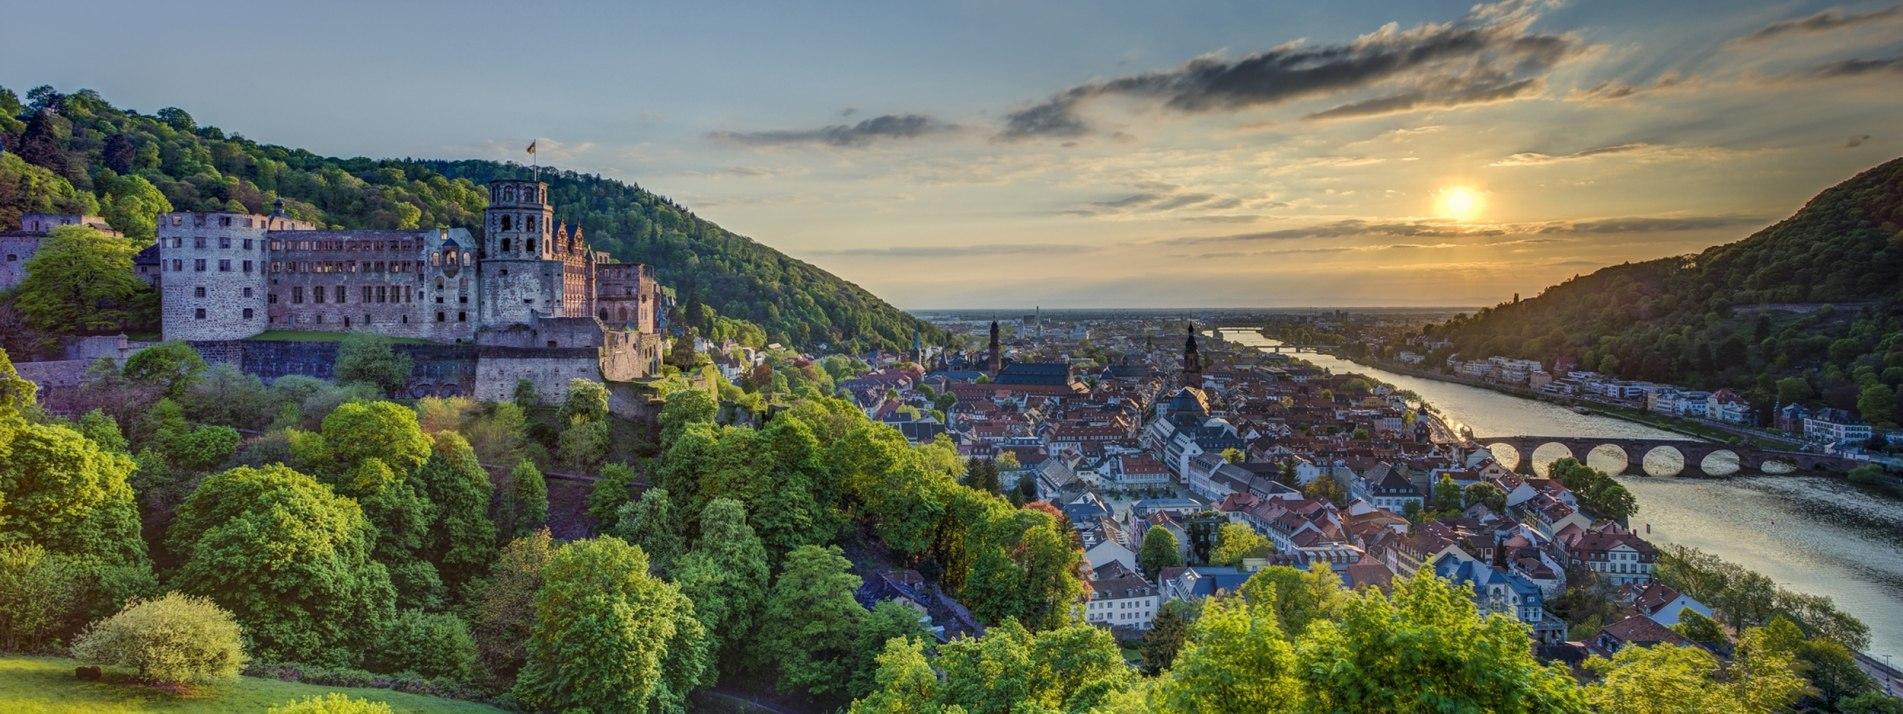 Aufnahme des Heidelberger Schlosses zwischen grünen Bäumen, Heidelberg ist im Hintergrund sichtbar - BAHNHIT.DE, © getty, Foto: Westend61